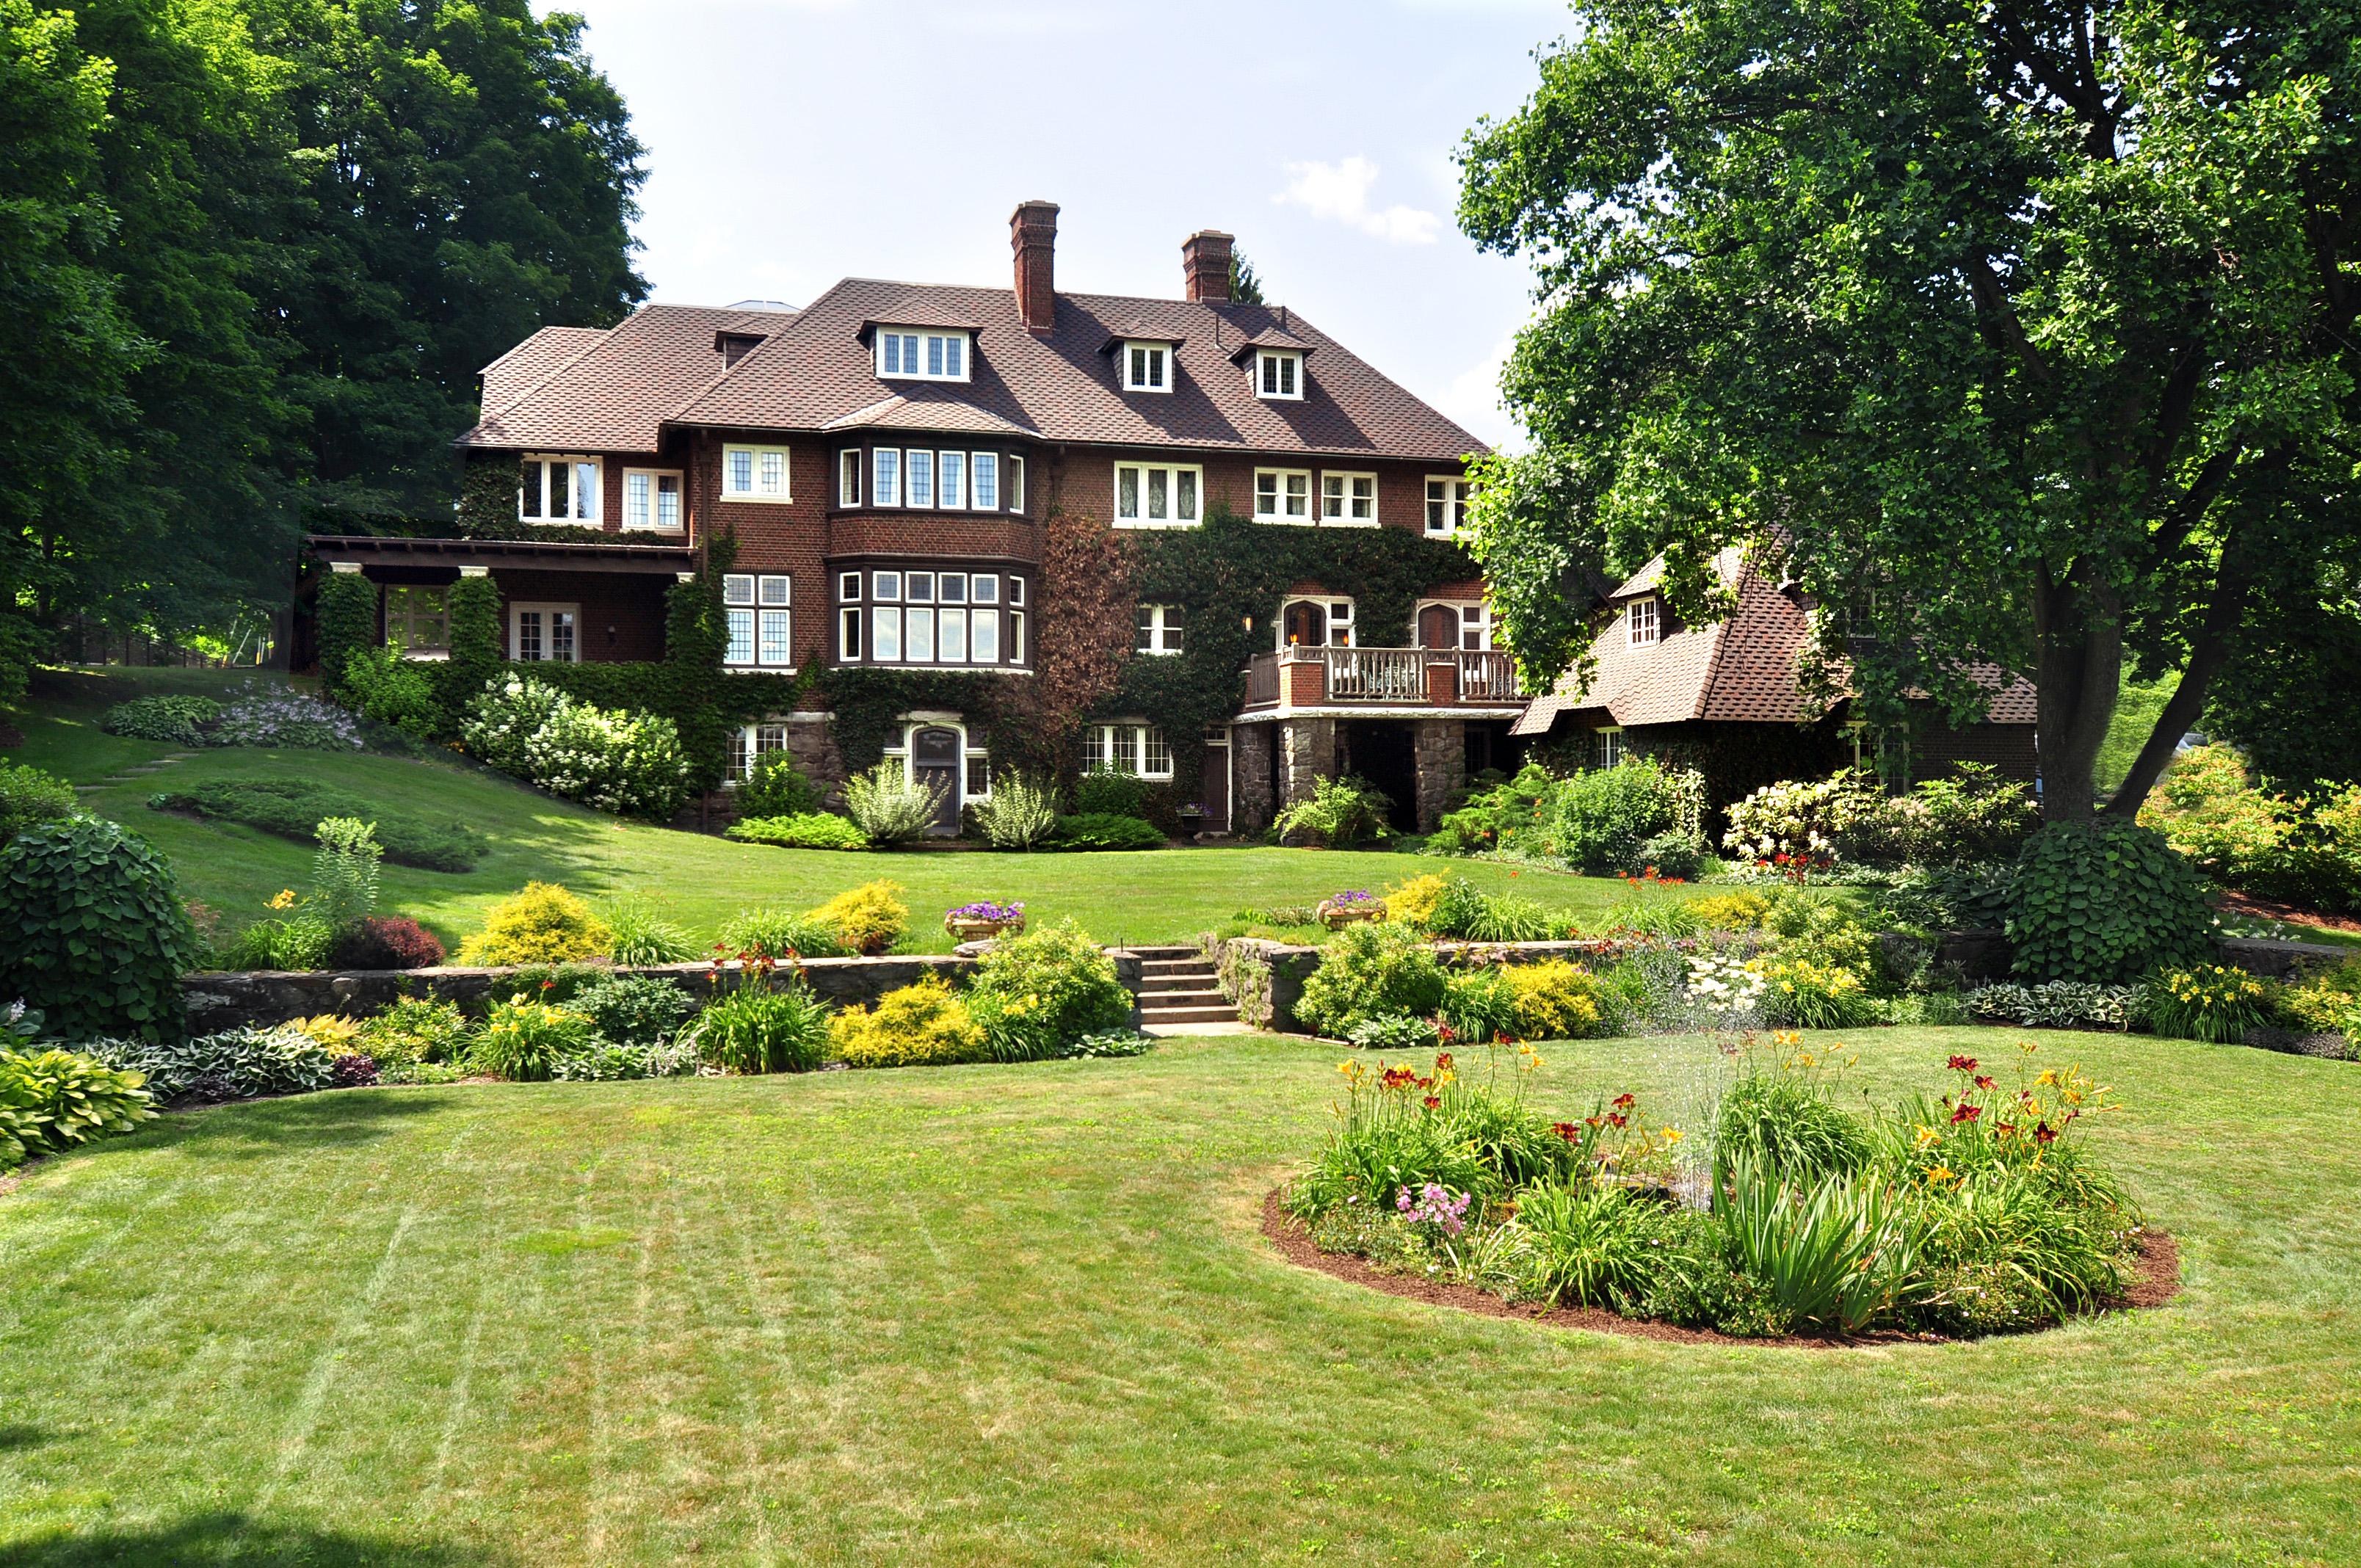 Einfamilienhaus für Verkauf beim 11-Acre Estate, Tudor Masterpiece, Golf Course Living 575 South Street Pittsfield, Massachusetts 01201 Vereinigte Staaten